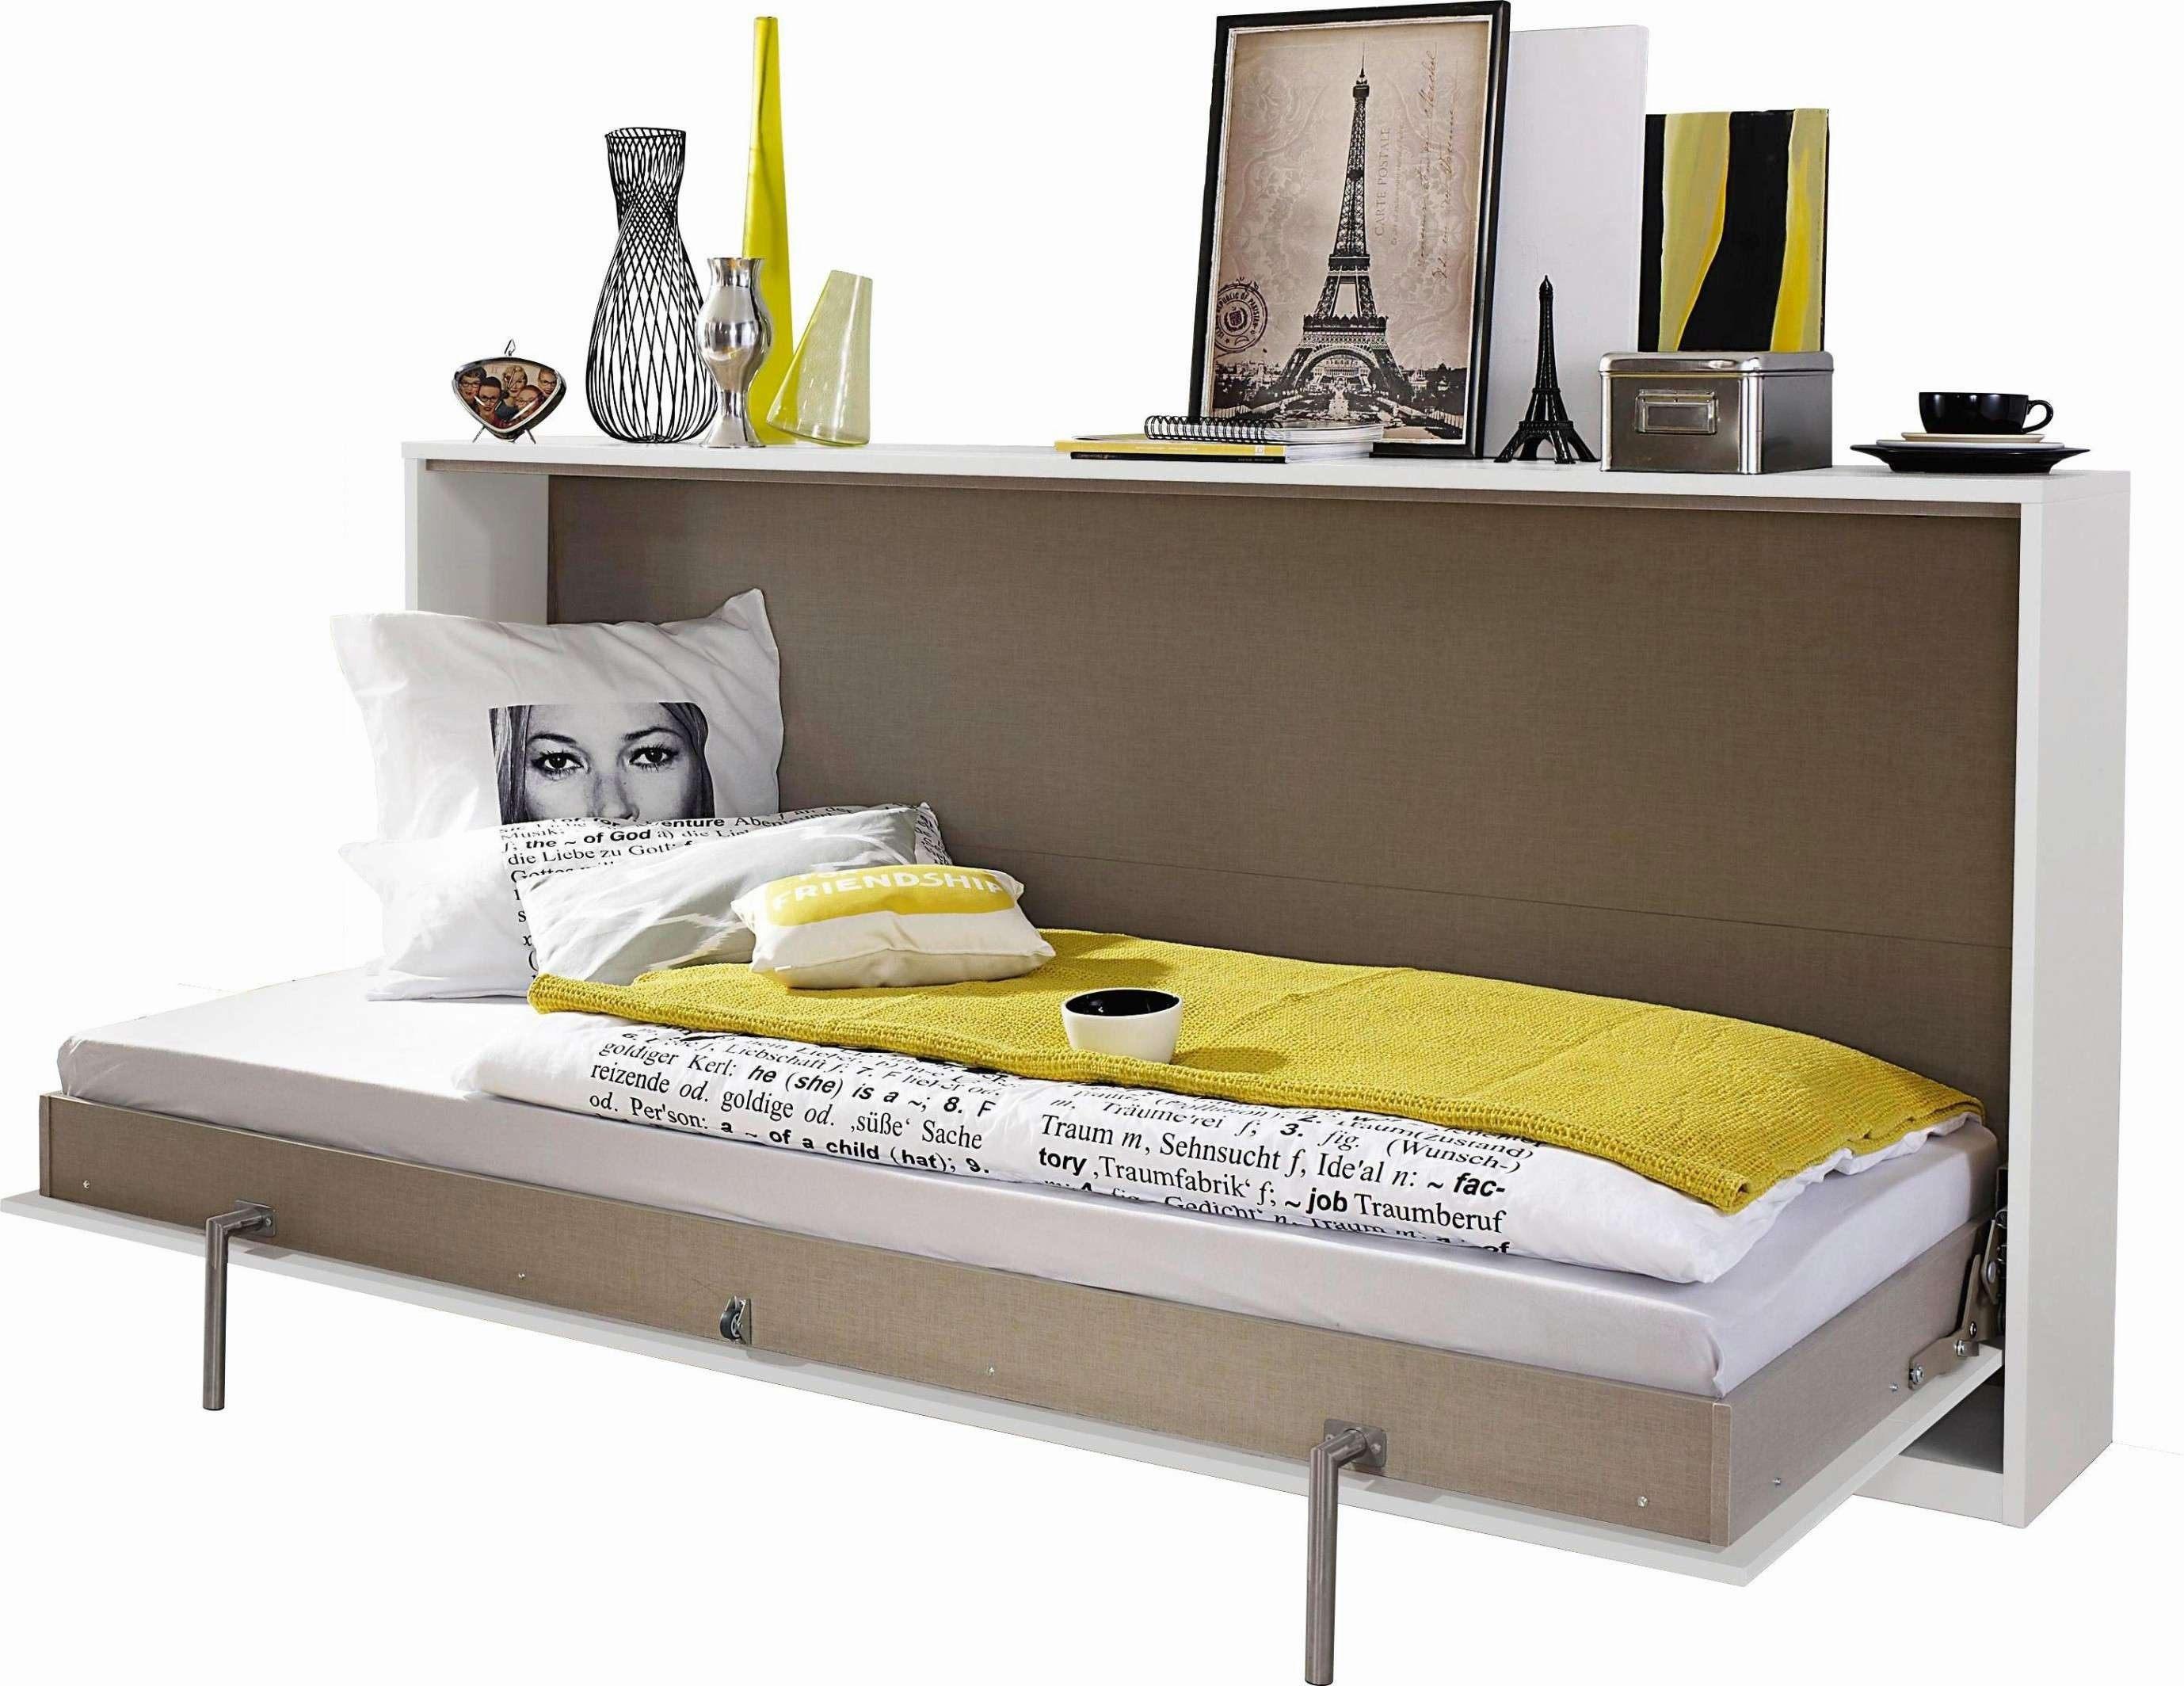 Ikea Lit 140 De Luxe Exceptionnel Etagere Tete De Lit Ikea Sur Tete De Lit Ikea 180